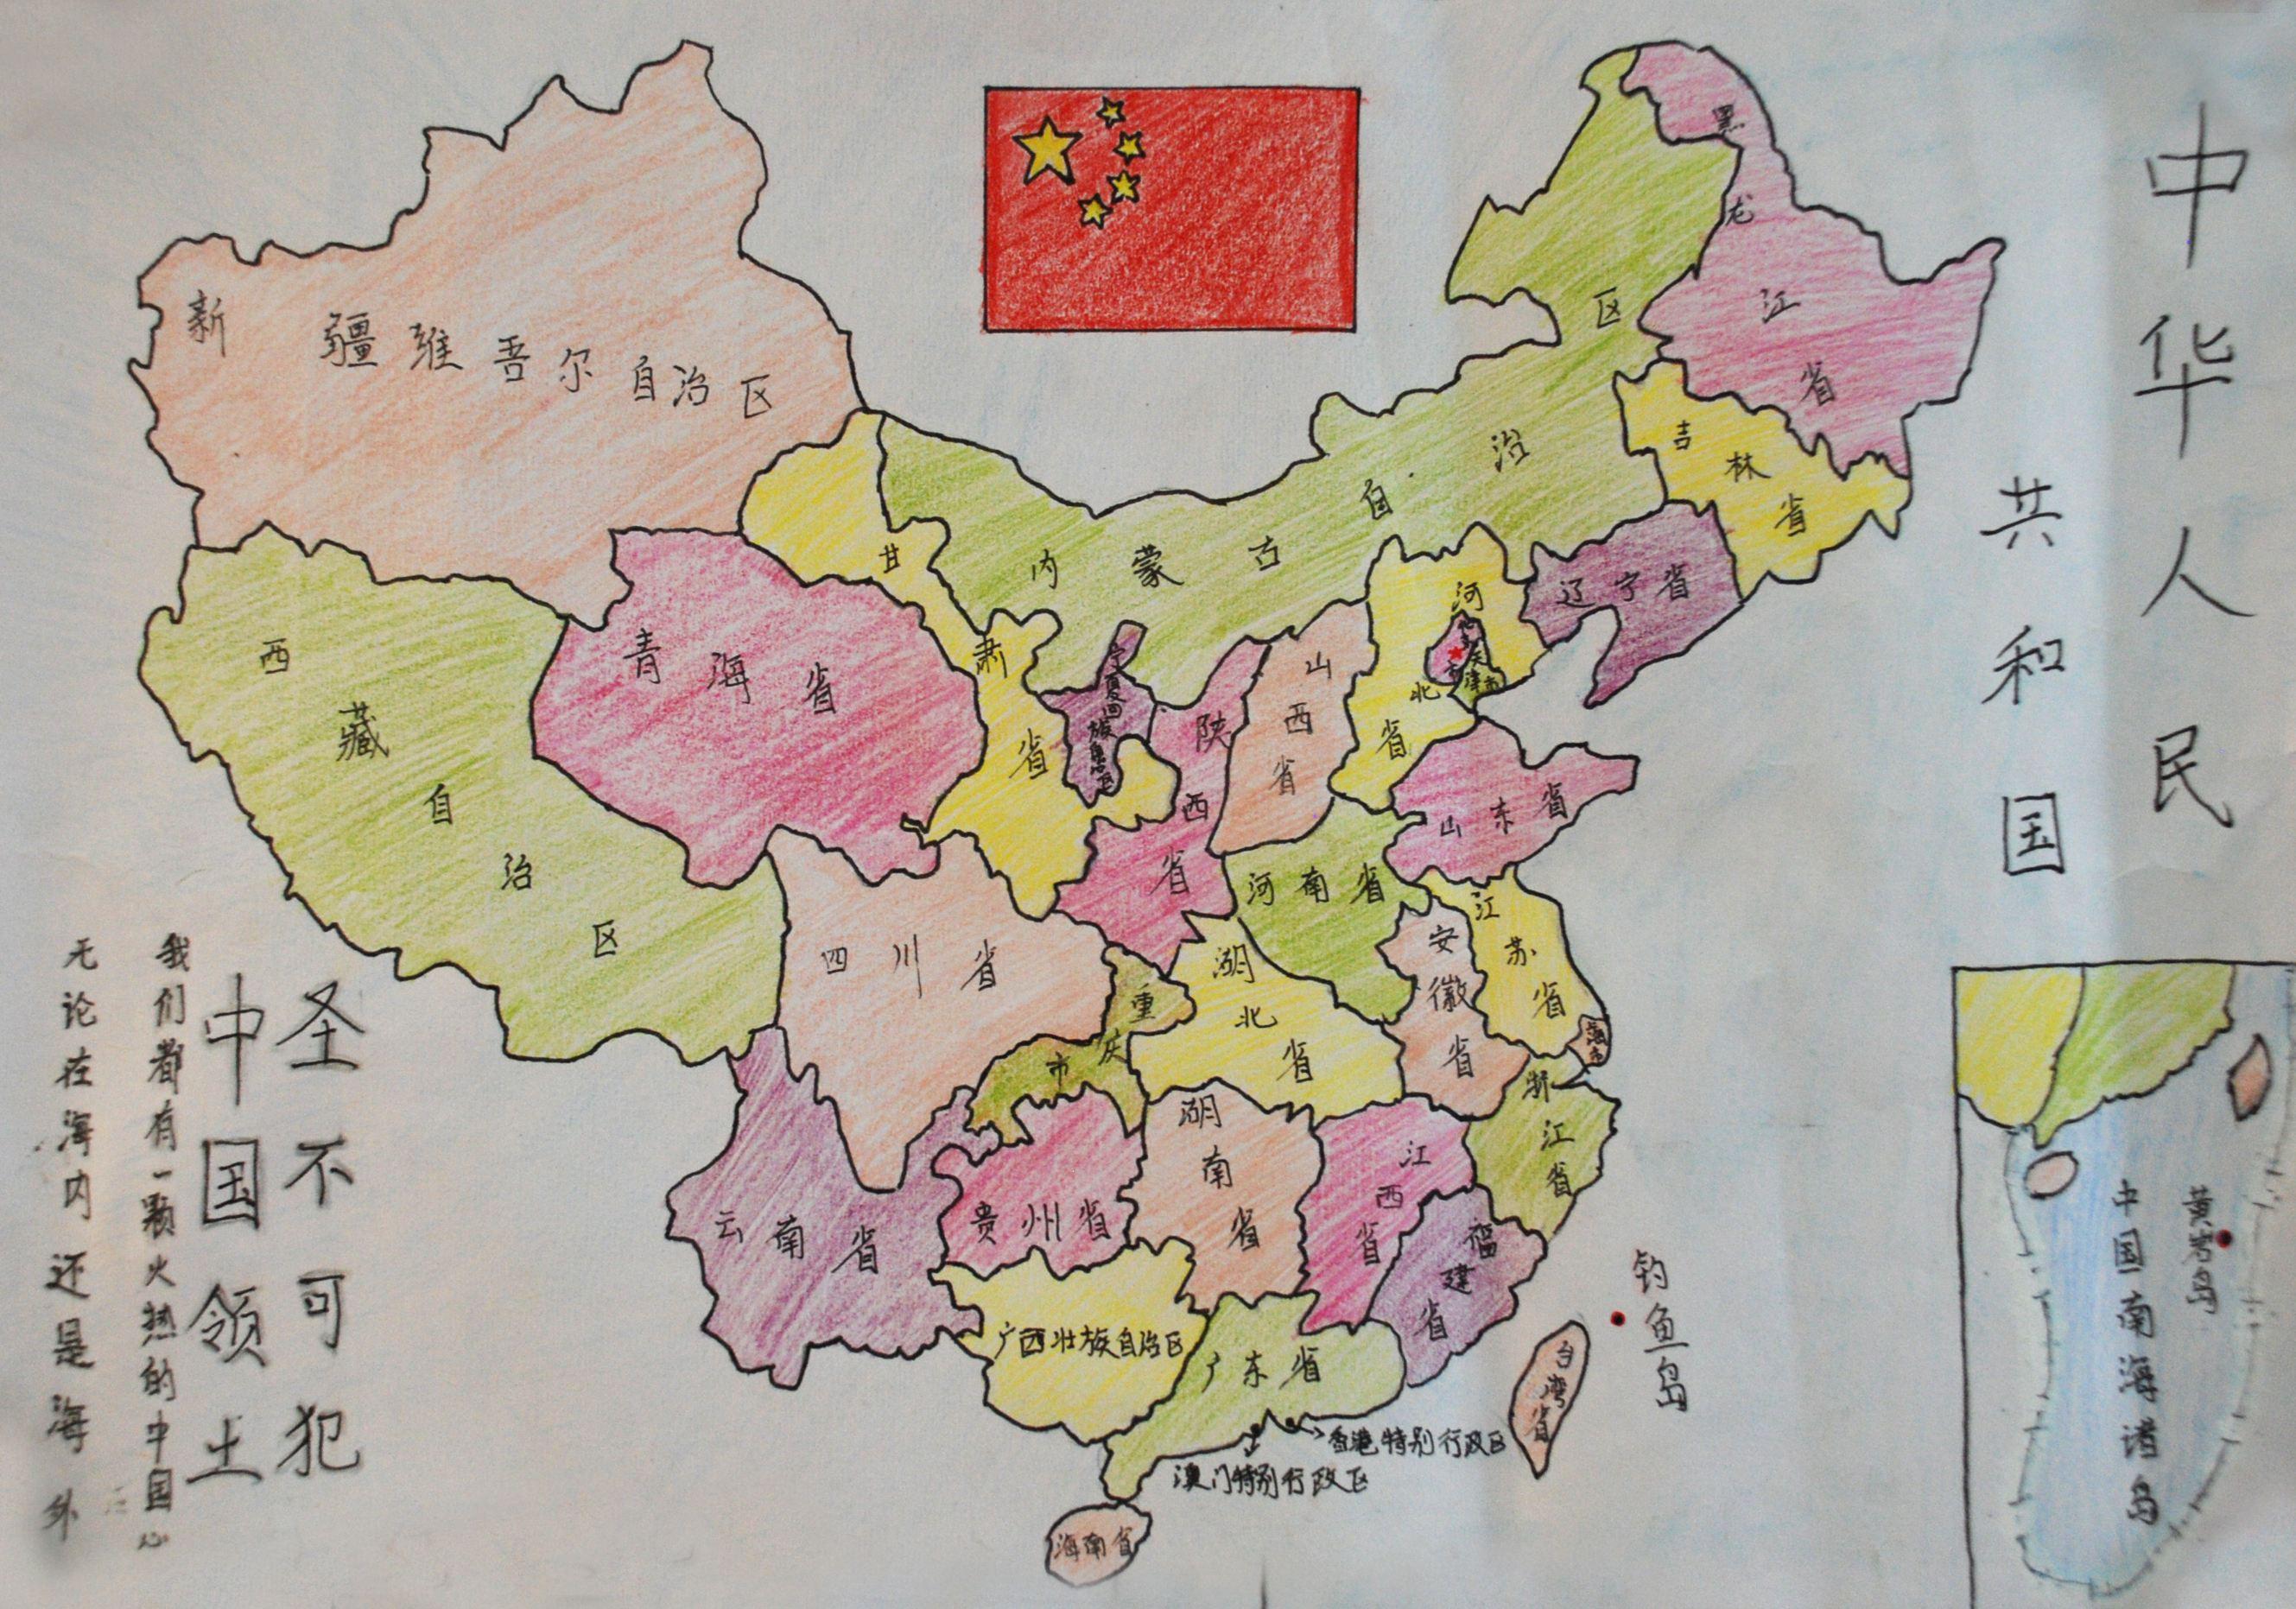 中国行政区图高清大图 河南省地图高清